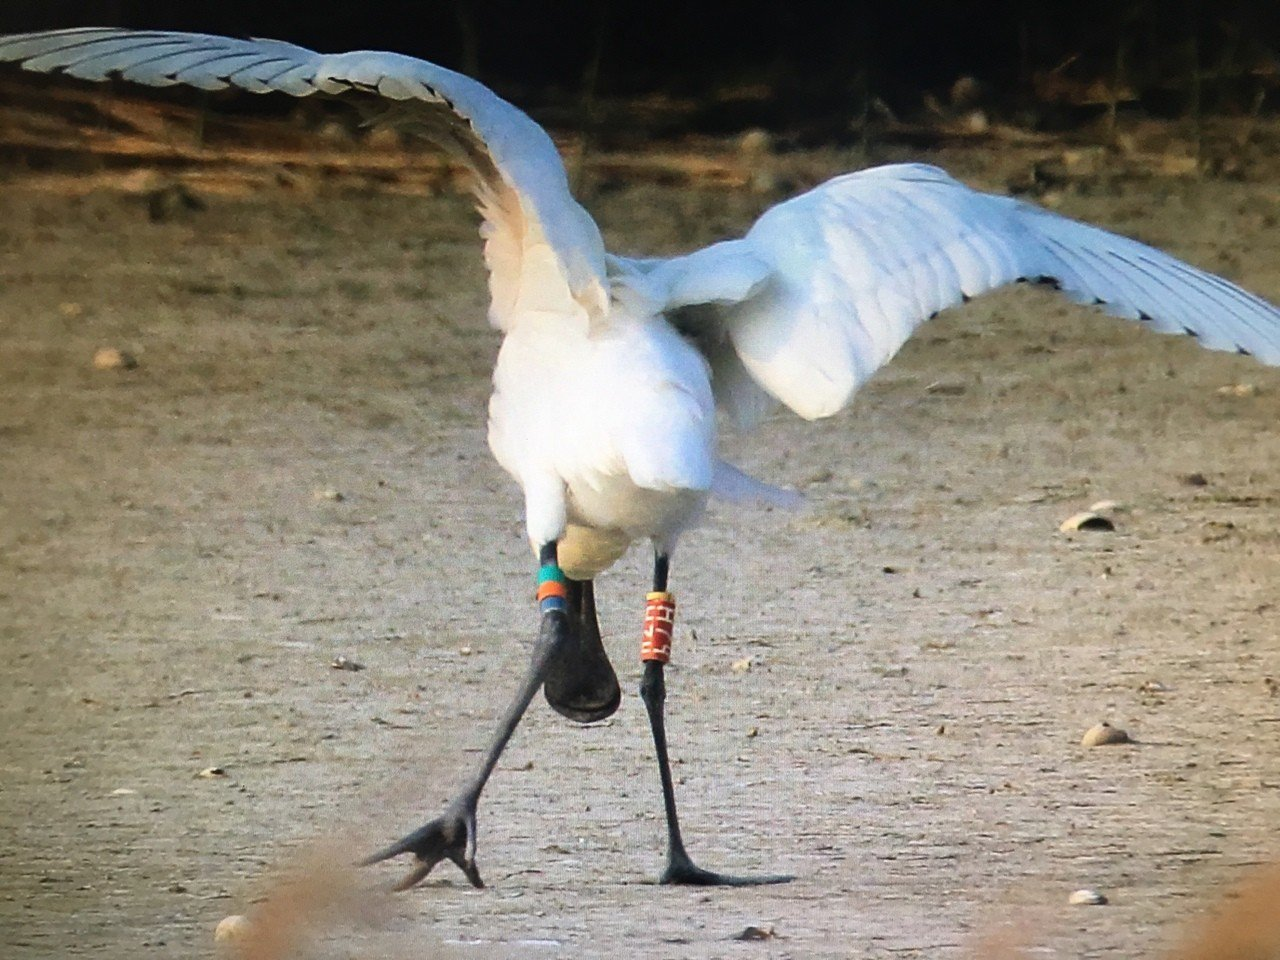 去年受傷時的黑琵「H74」左腳明顯腫脹,耗盡體力又難以覓食。圖/張順雄提供